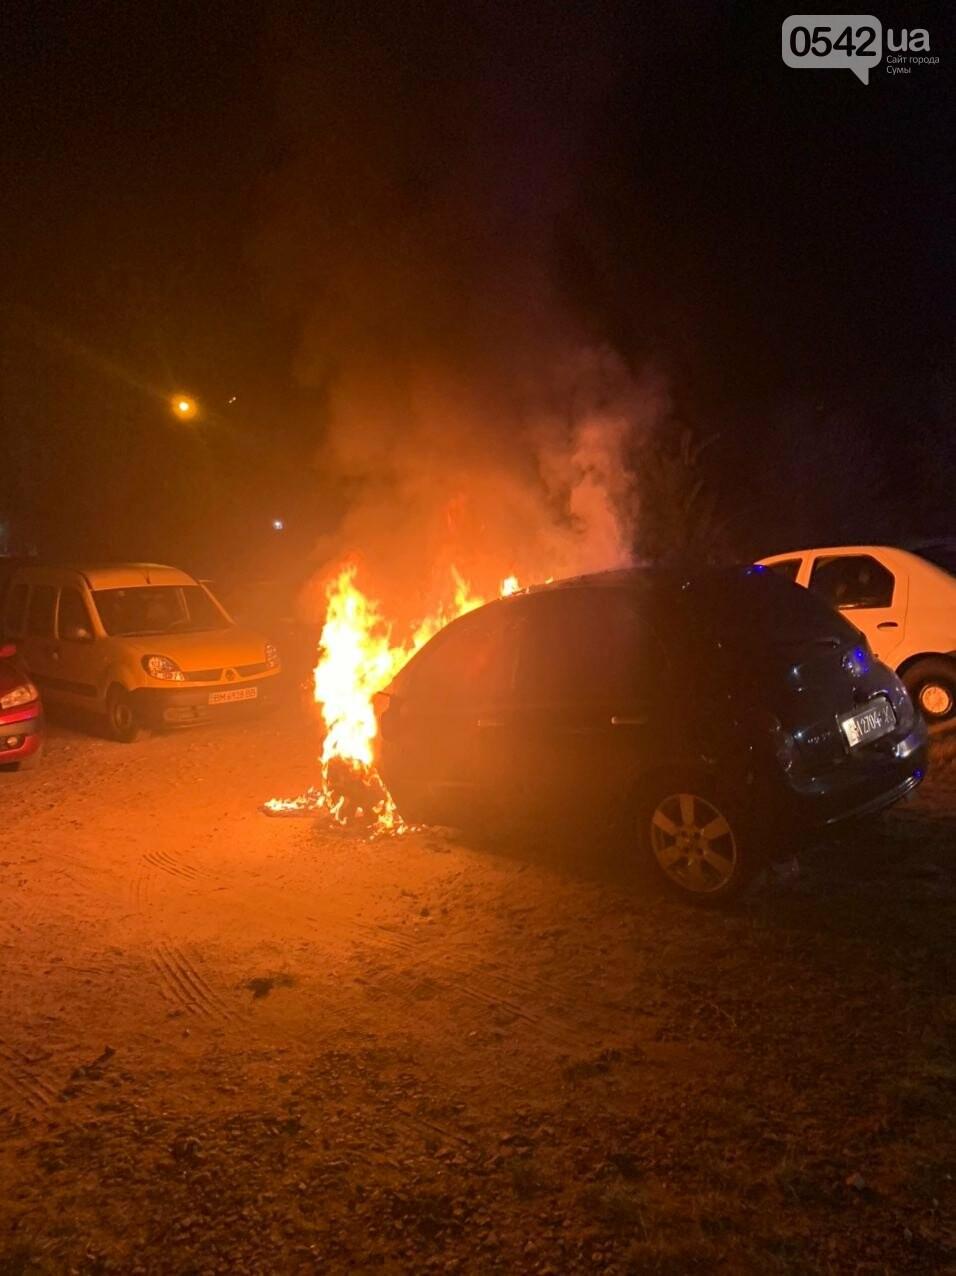 Вночі у Сумах підпалили автомобіль, фото-1